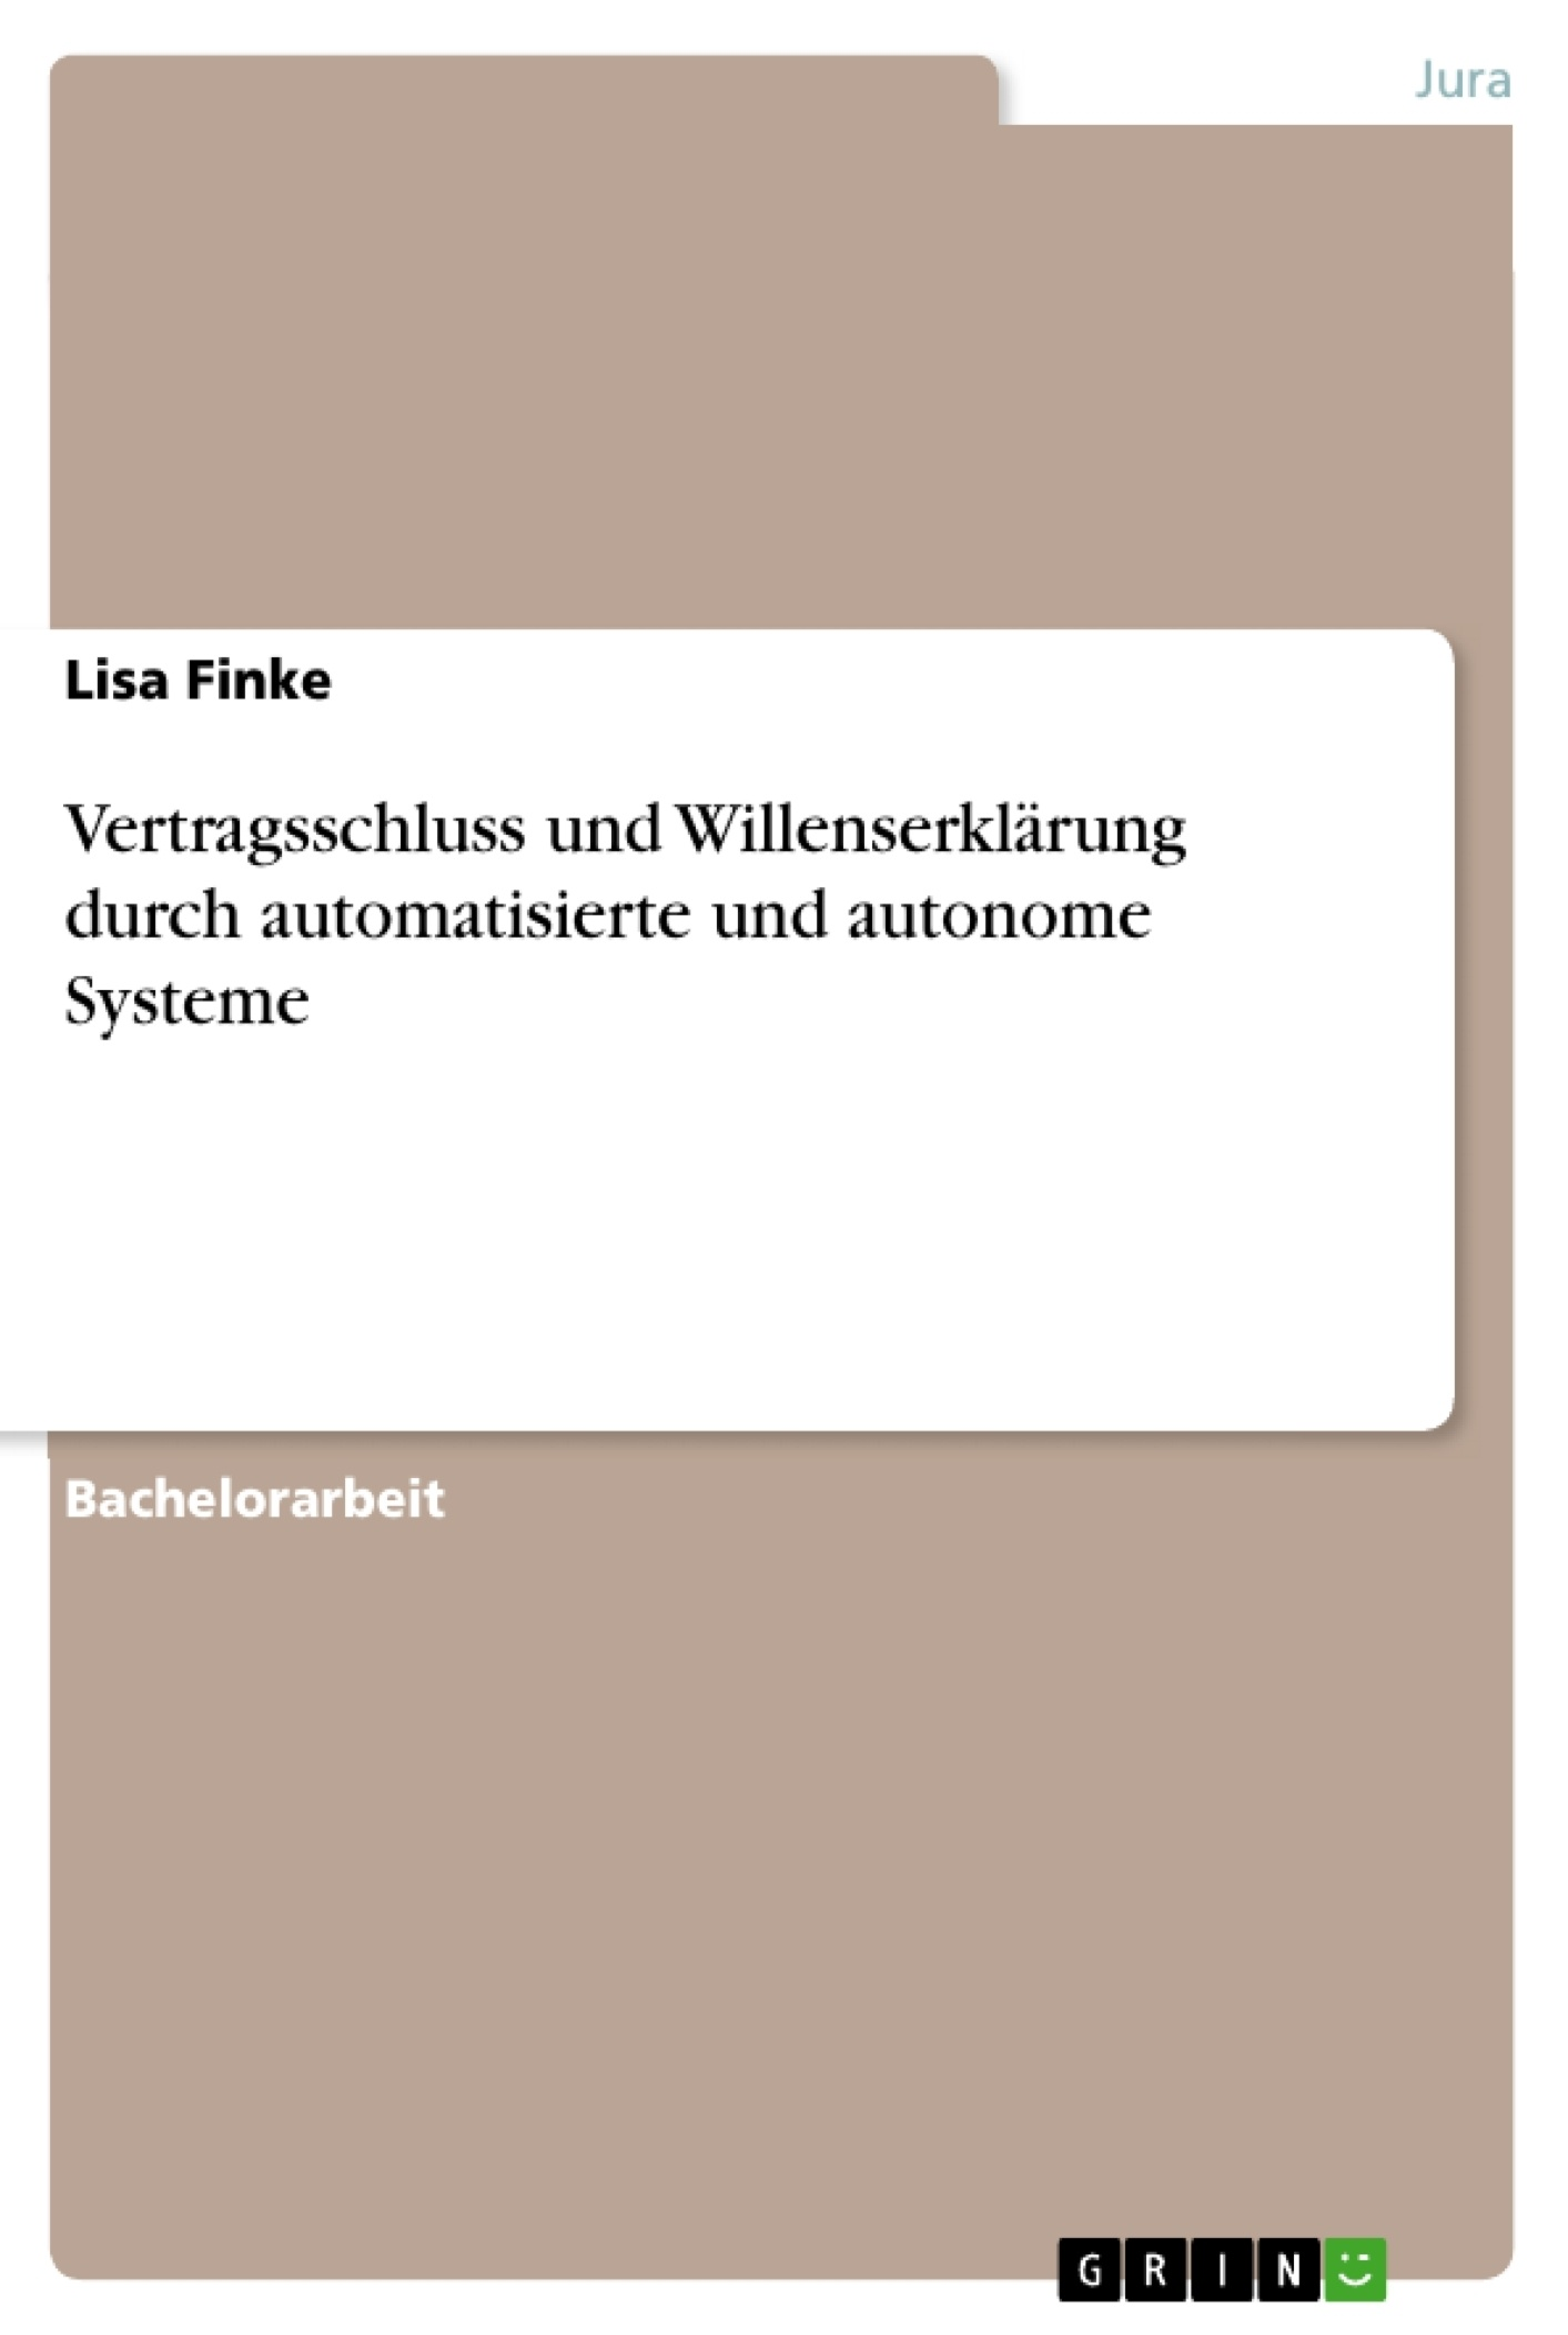 Titel: Vertragsschluss und Willenserklärung durch automatisierte und autonome Systeme